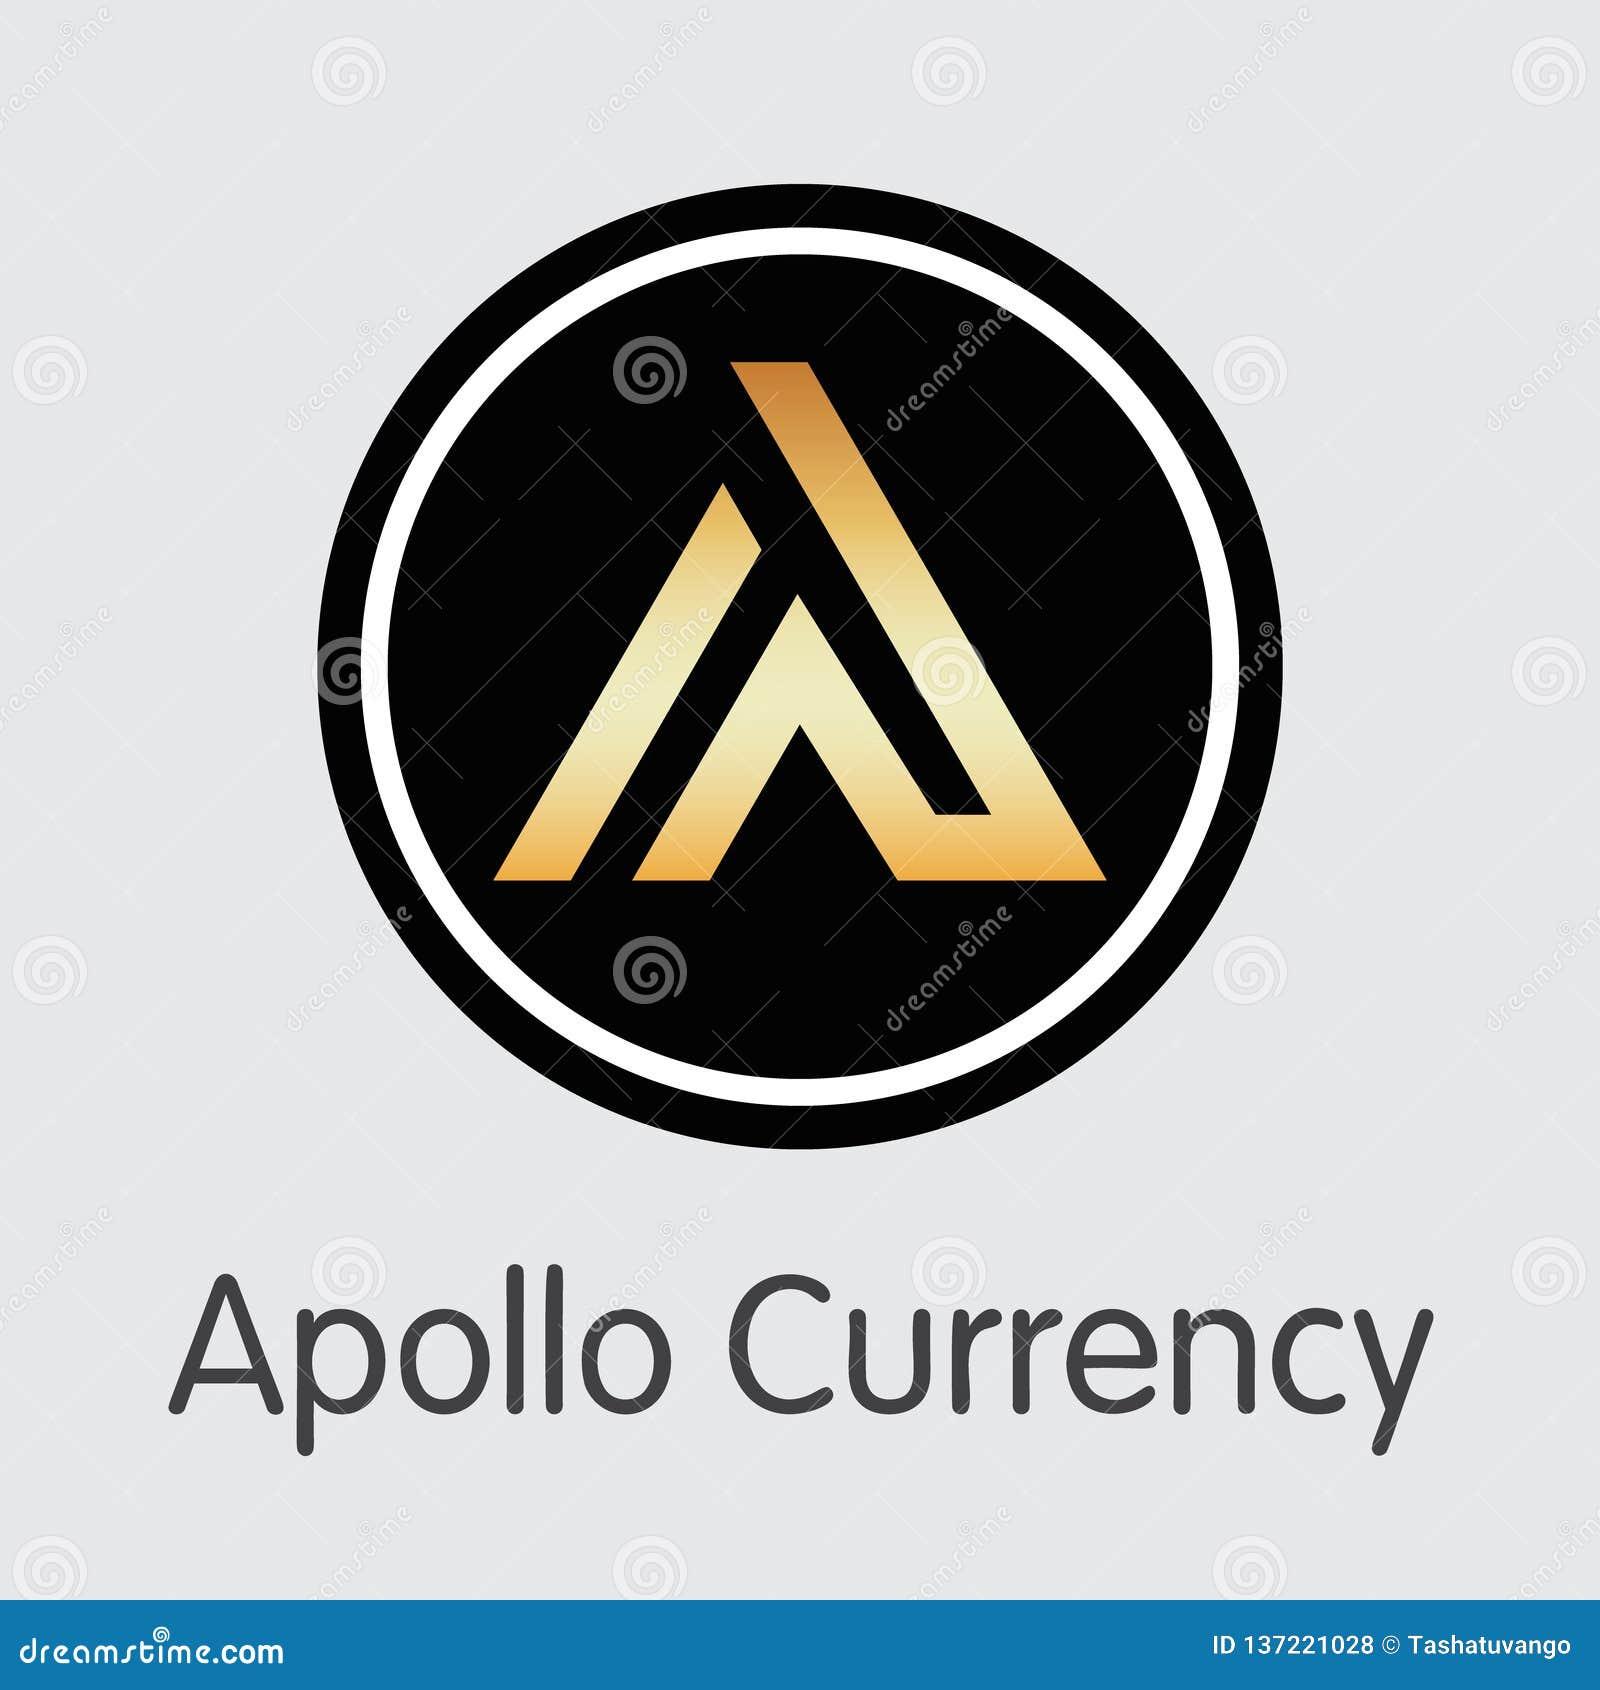 APL - Apollo Currency L icône de l emblème de pièce de monnaie ou de marché